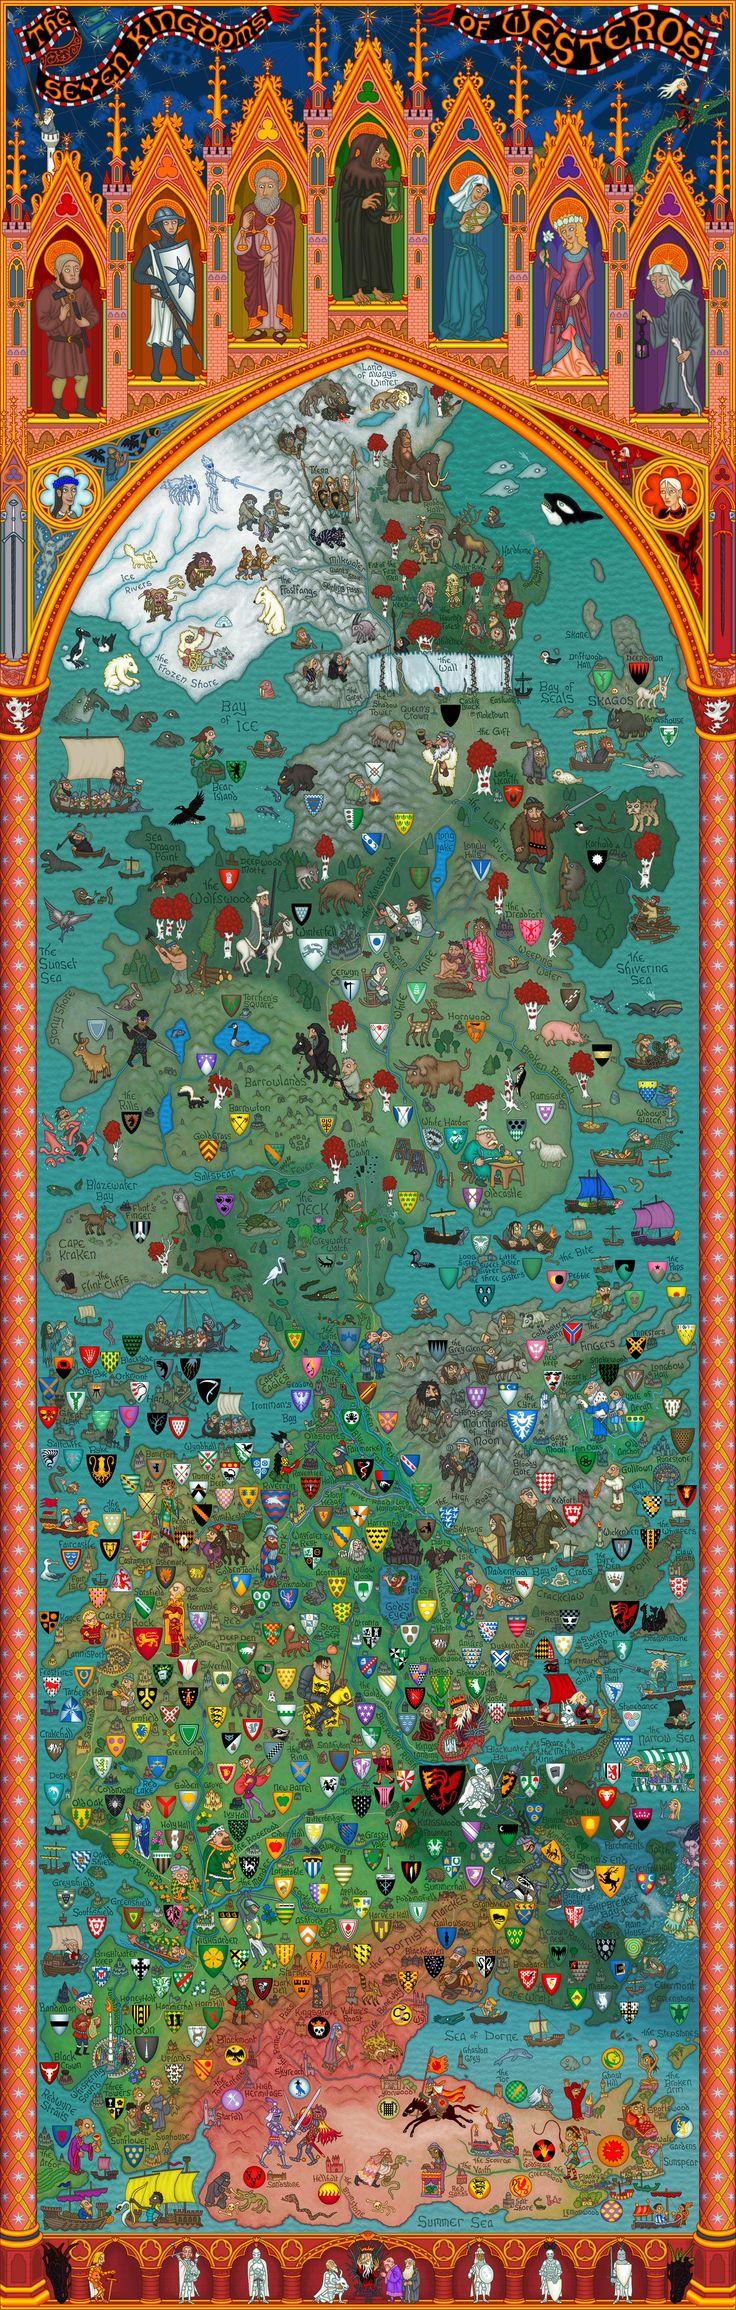 Hace tiempo que sigo en DeviantArt a un artista norteamericano que hace mapas de todas las regiones de Canción de hielo y fuego, con especial detalle a todas las zonas de poniente y a poner los esc…